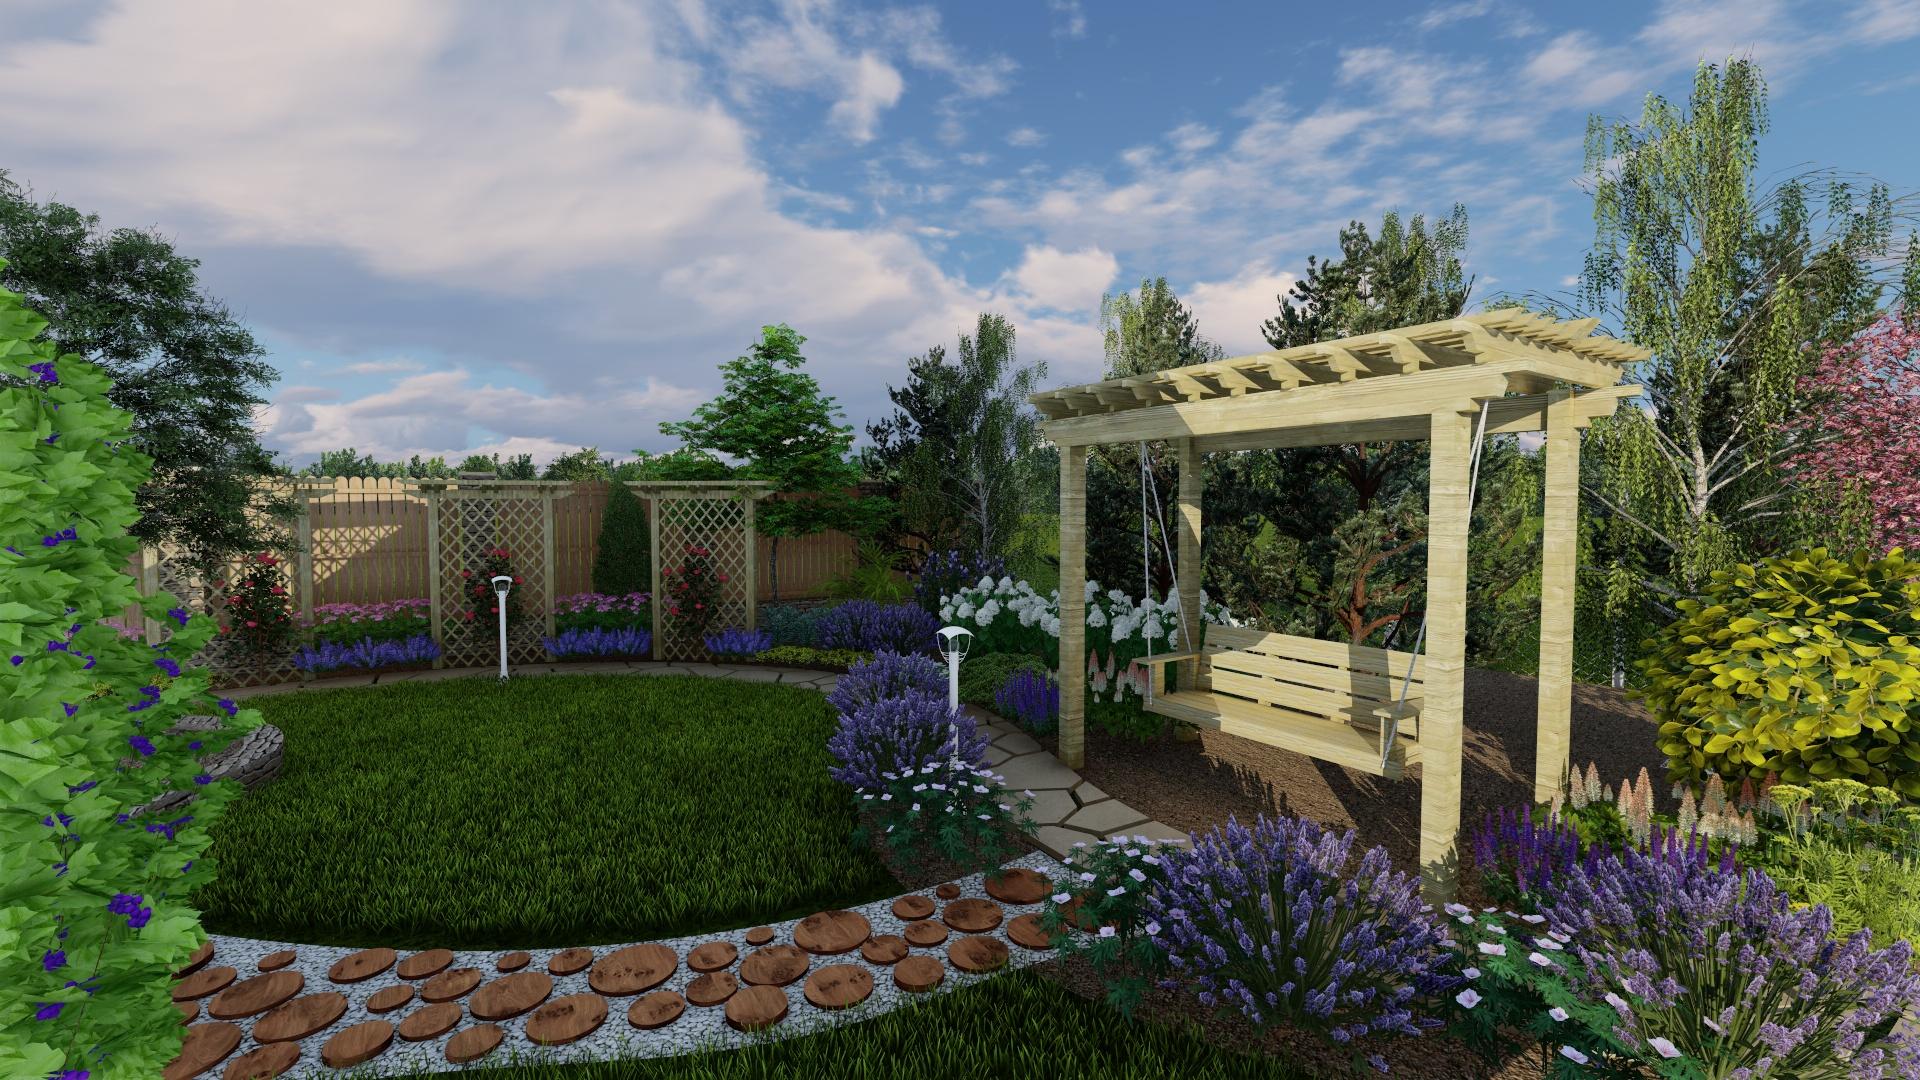 Проект по благоустройству  участка дворовой территории фото f_6615bbe19644e417.jpg